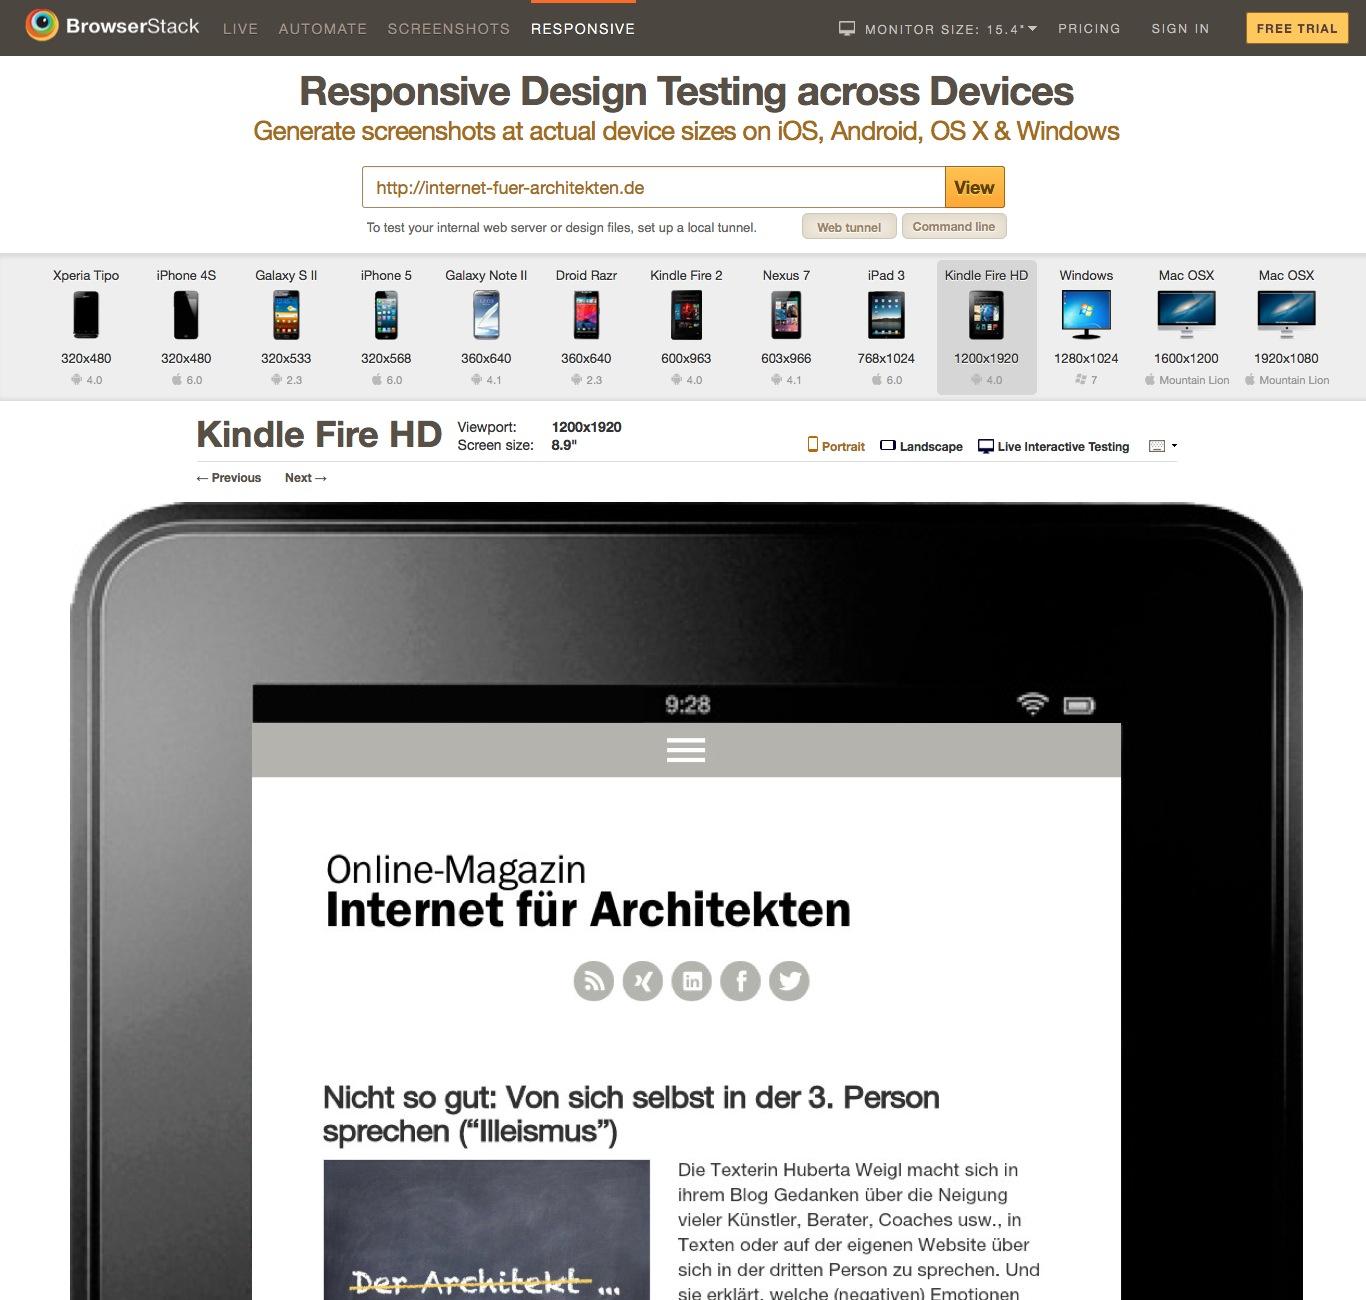 Screenshot des Test-Tools für responsive Webdesign von Browserstack: Internet-fuer-Architekten.de auf dem Amazon Kindle Fire